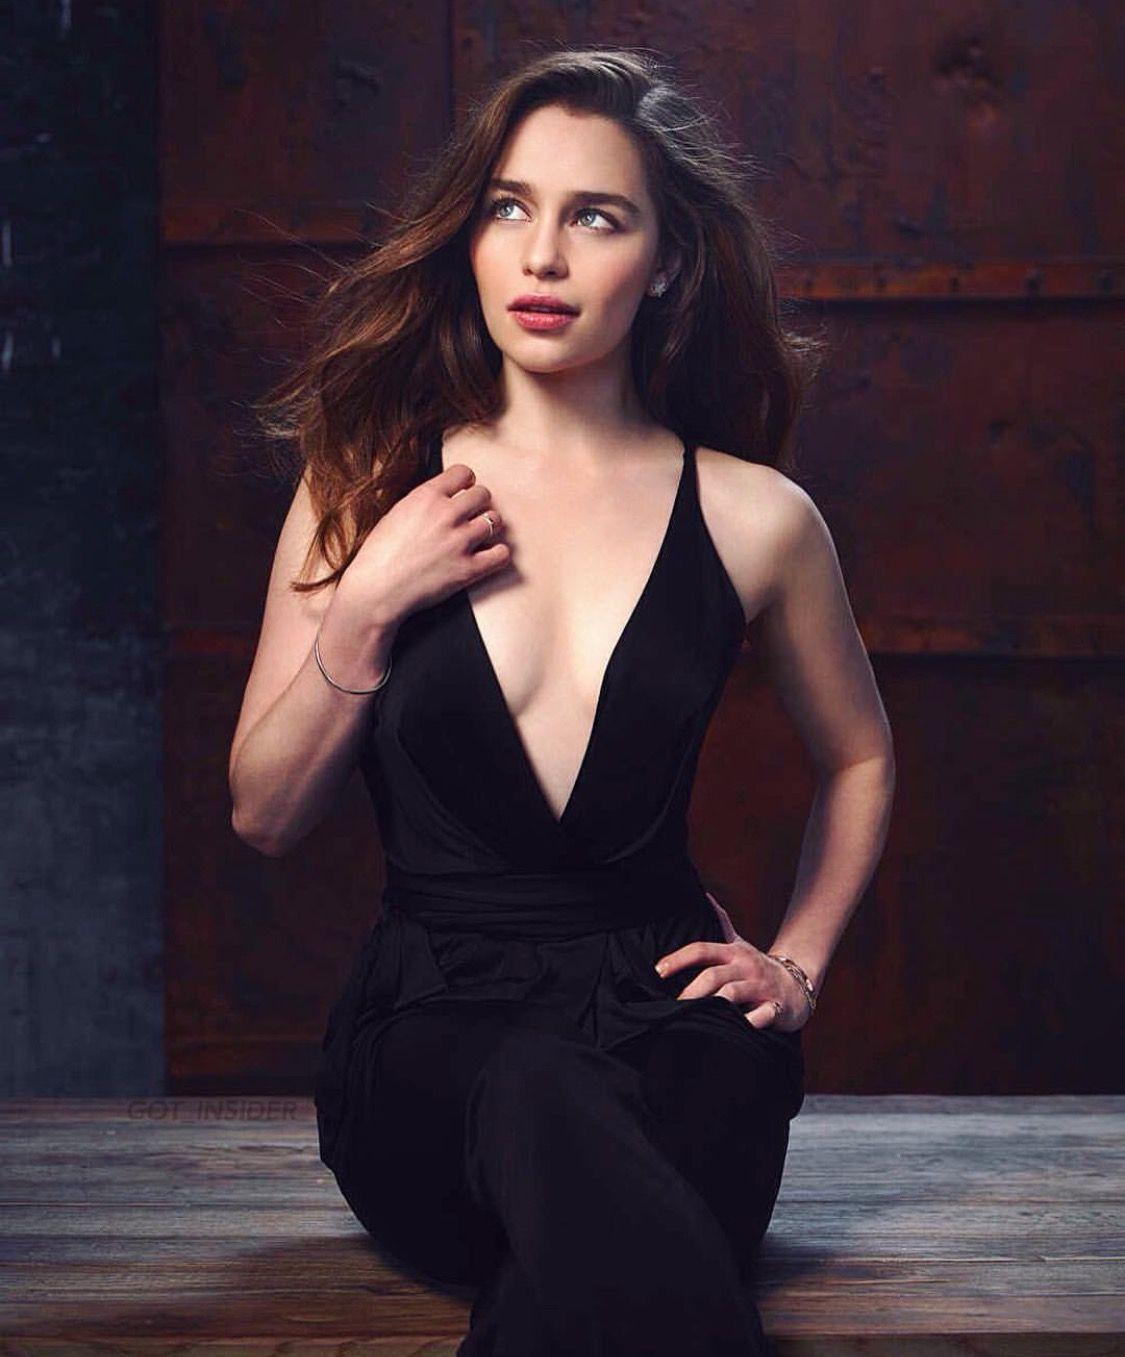 Emilia Clarke Emilia Clarke Bikini Emilia Clarke Hot Emilia Clarke